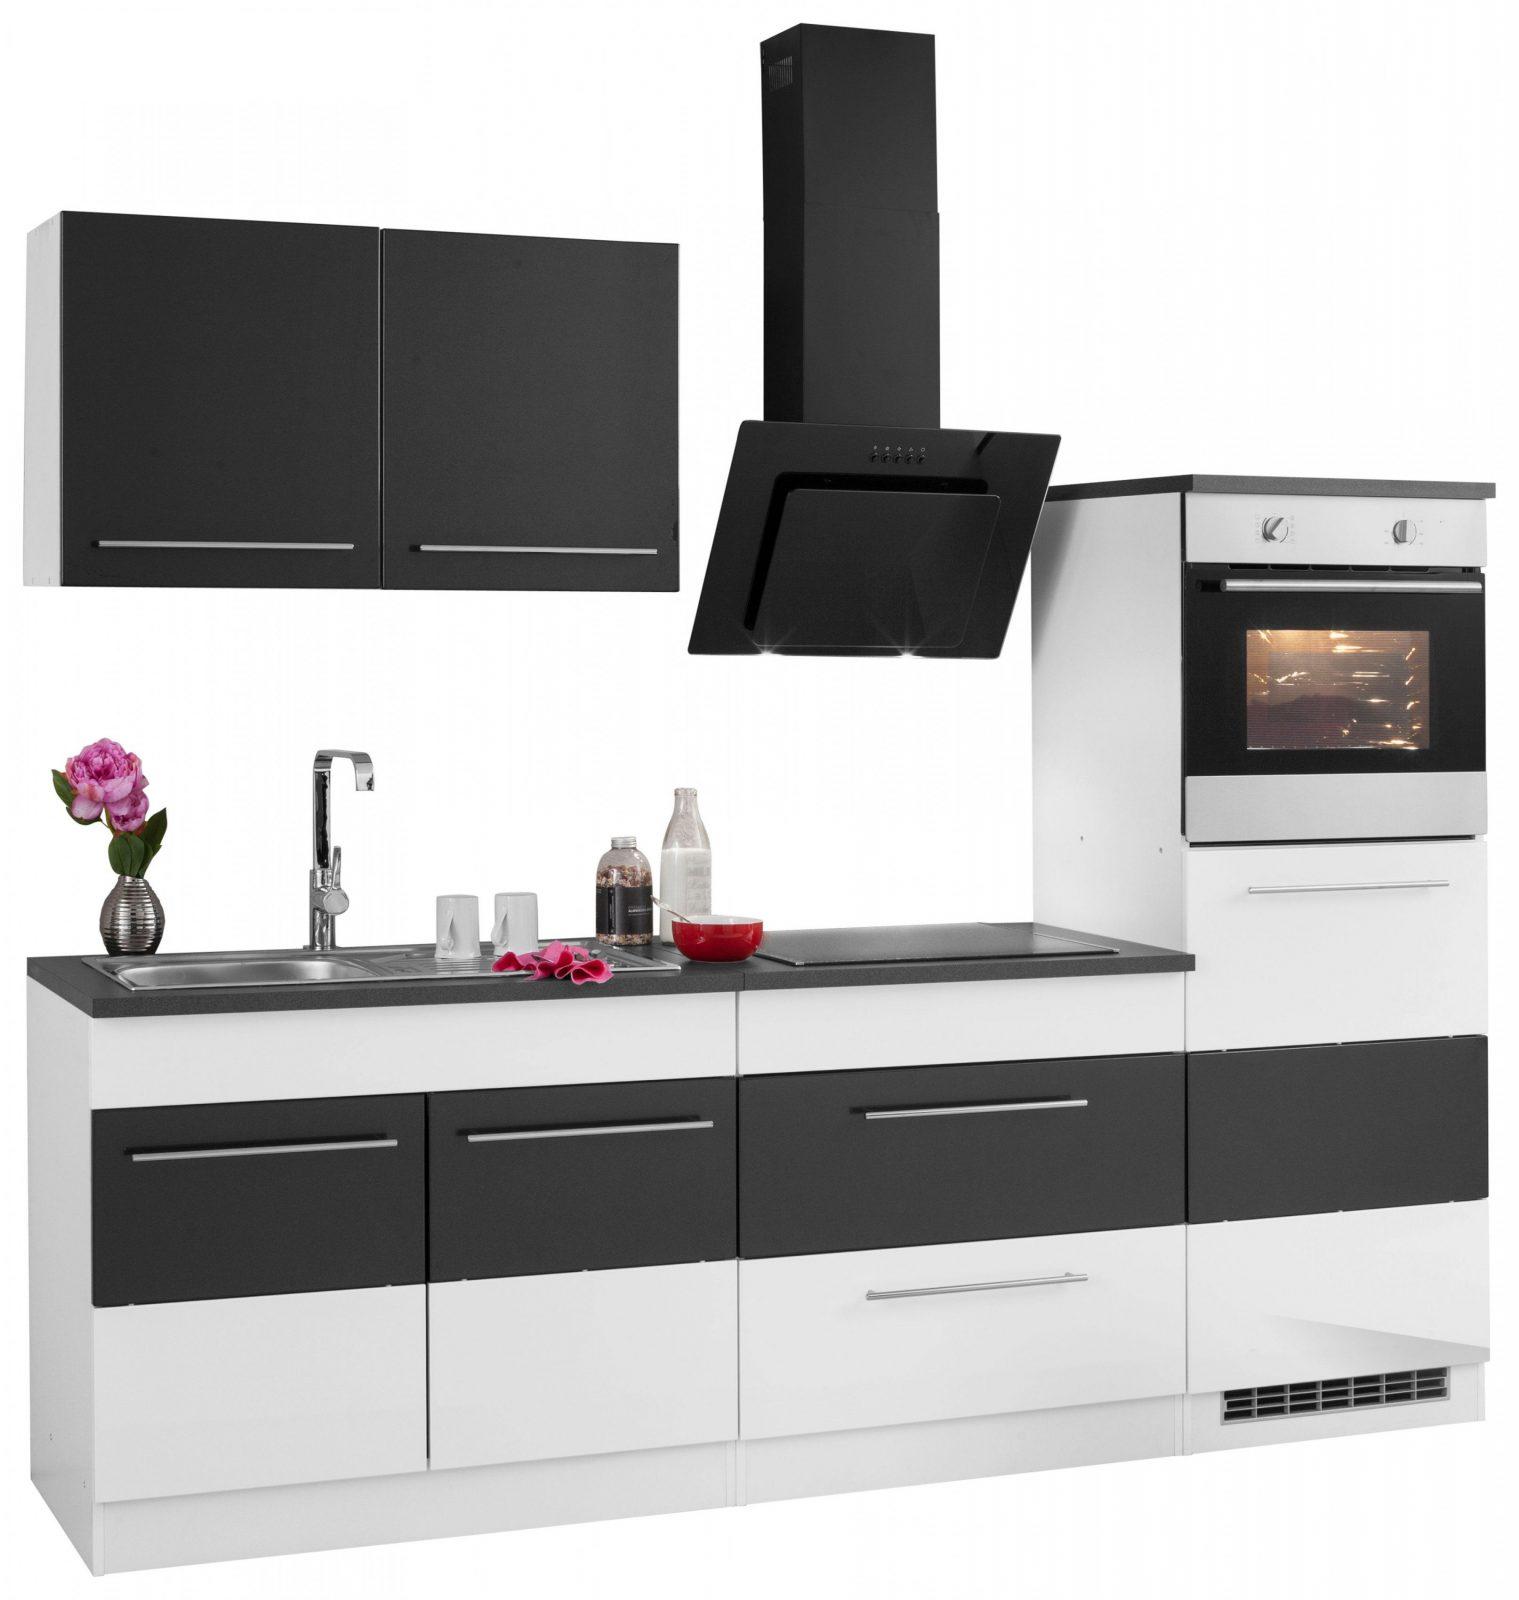 Held Möbel Küchenzeile Mit Egeräten Trient Breite 240 Cm Kaufen von Küche Mit E Geräten Ohne Kühlschrank Photo